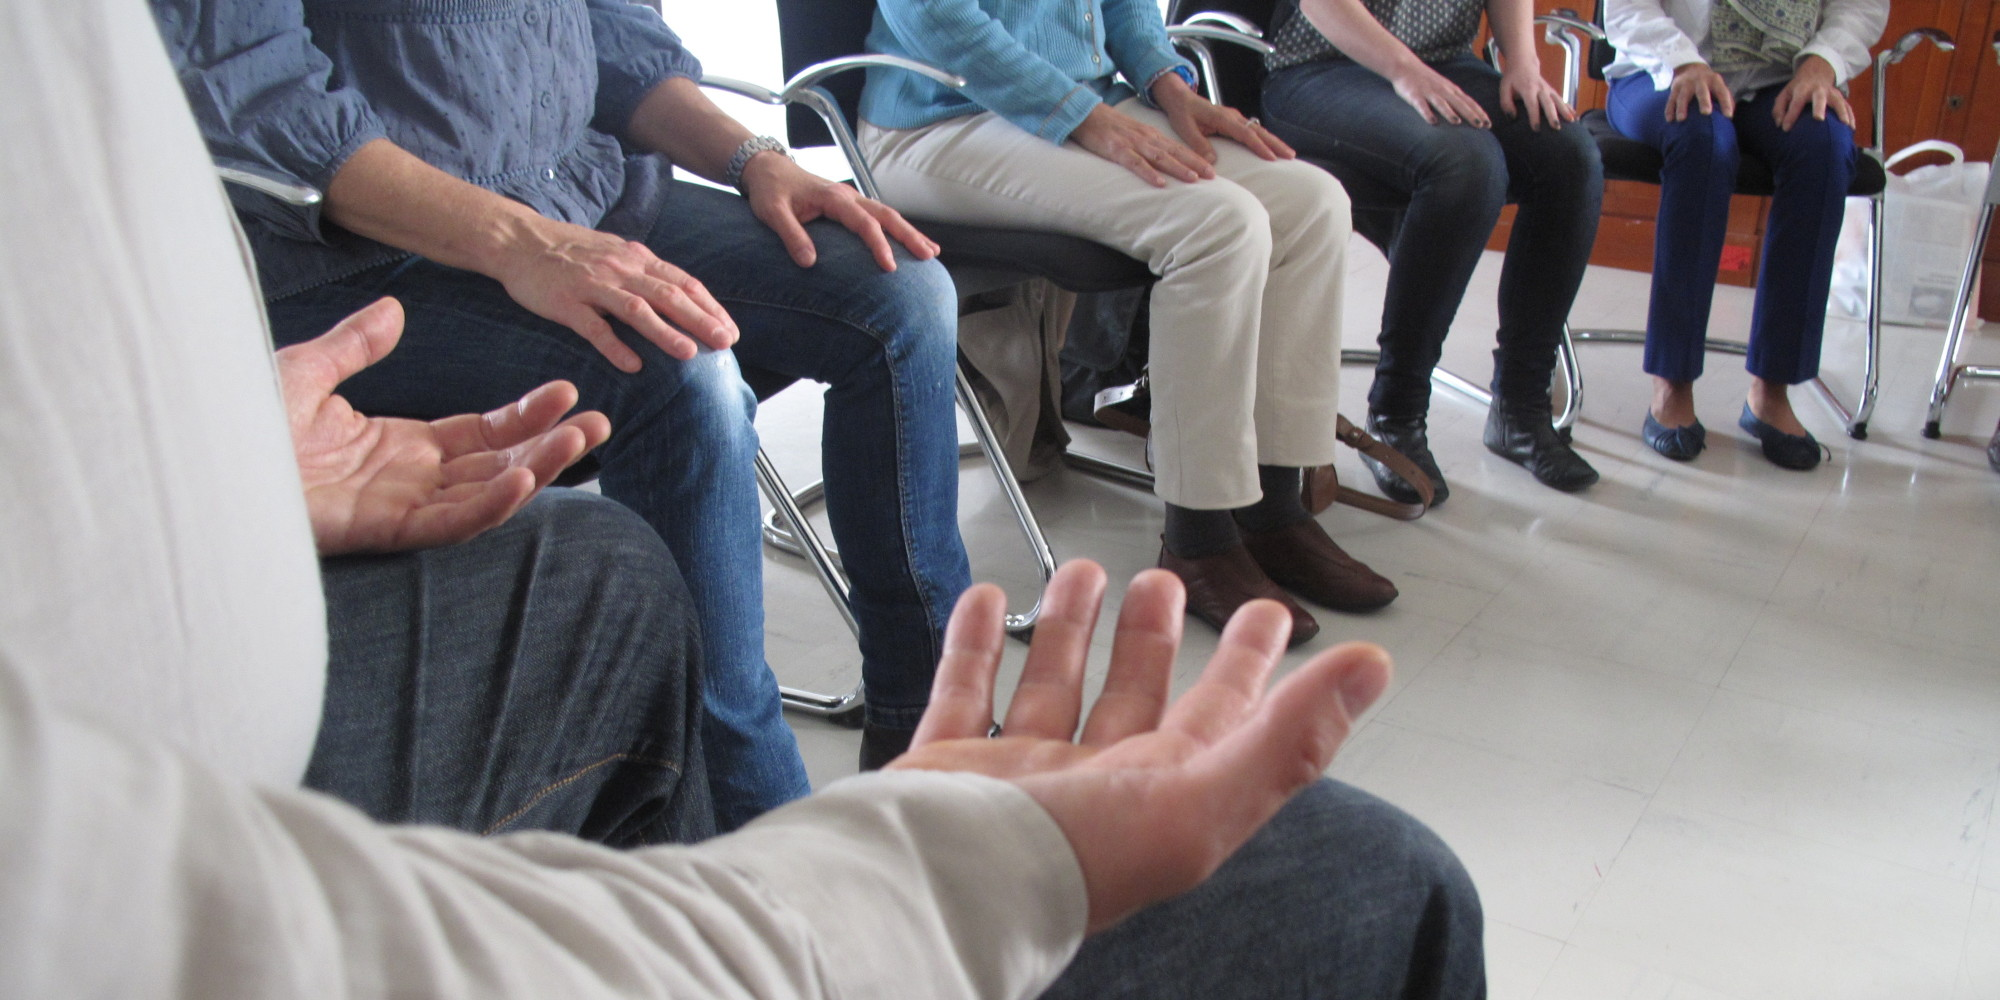 entreprise mediter sur chaise